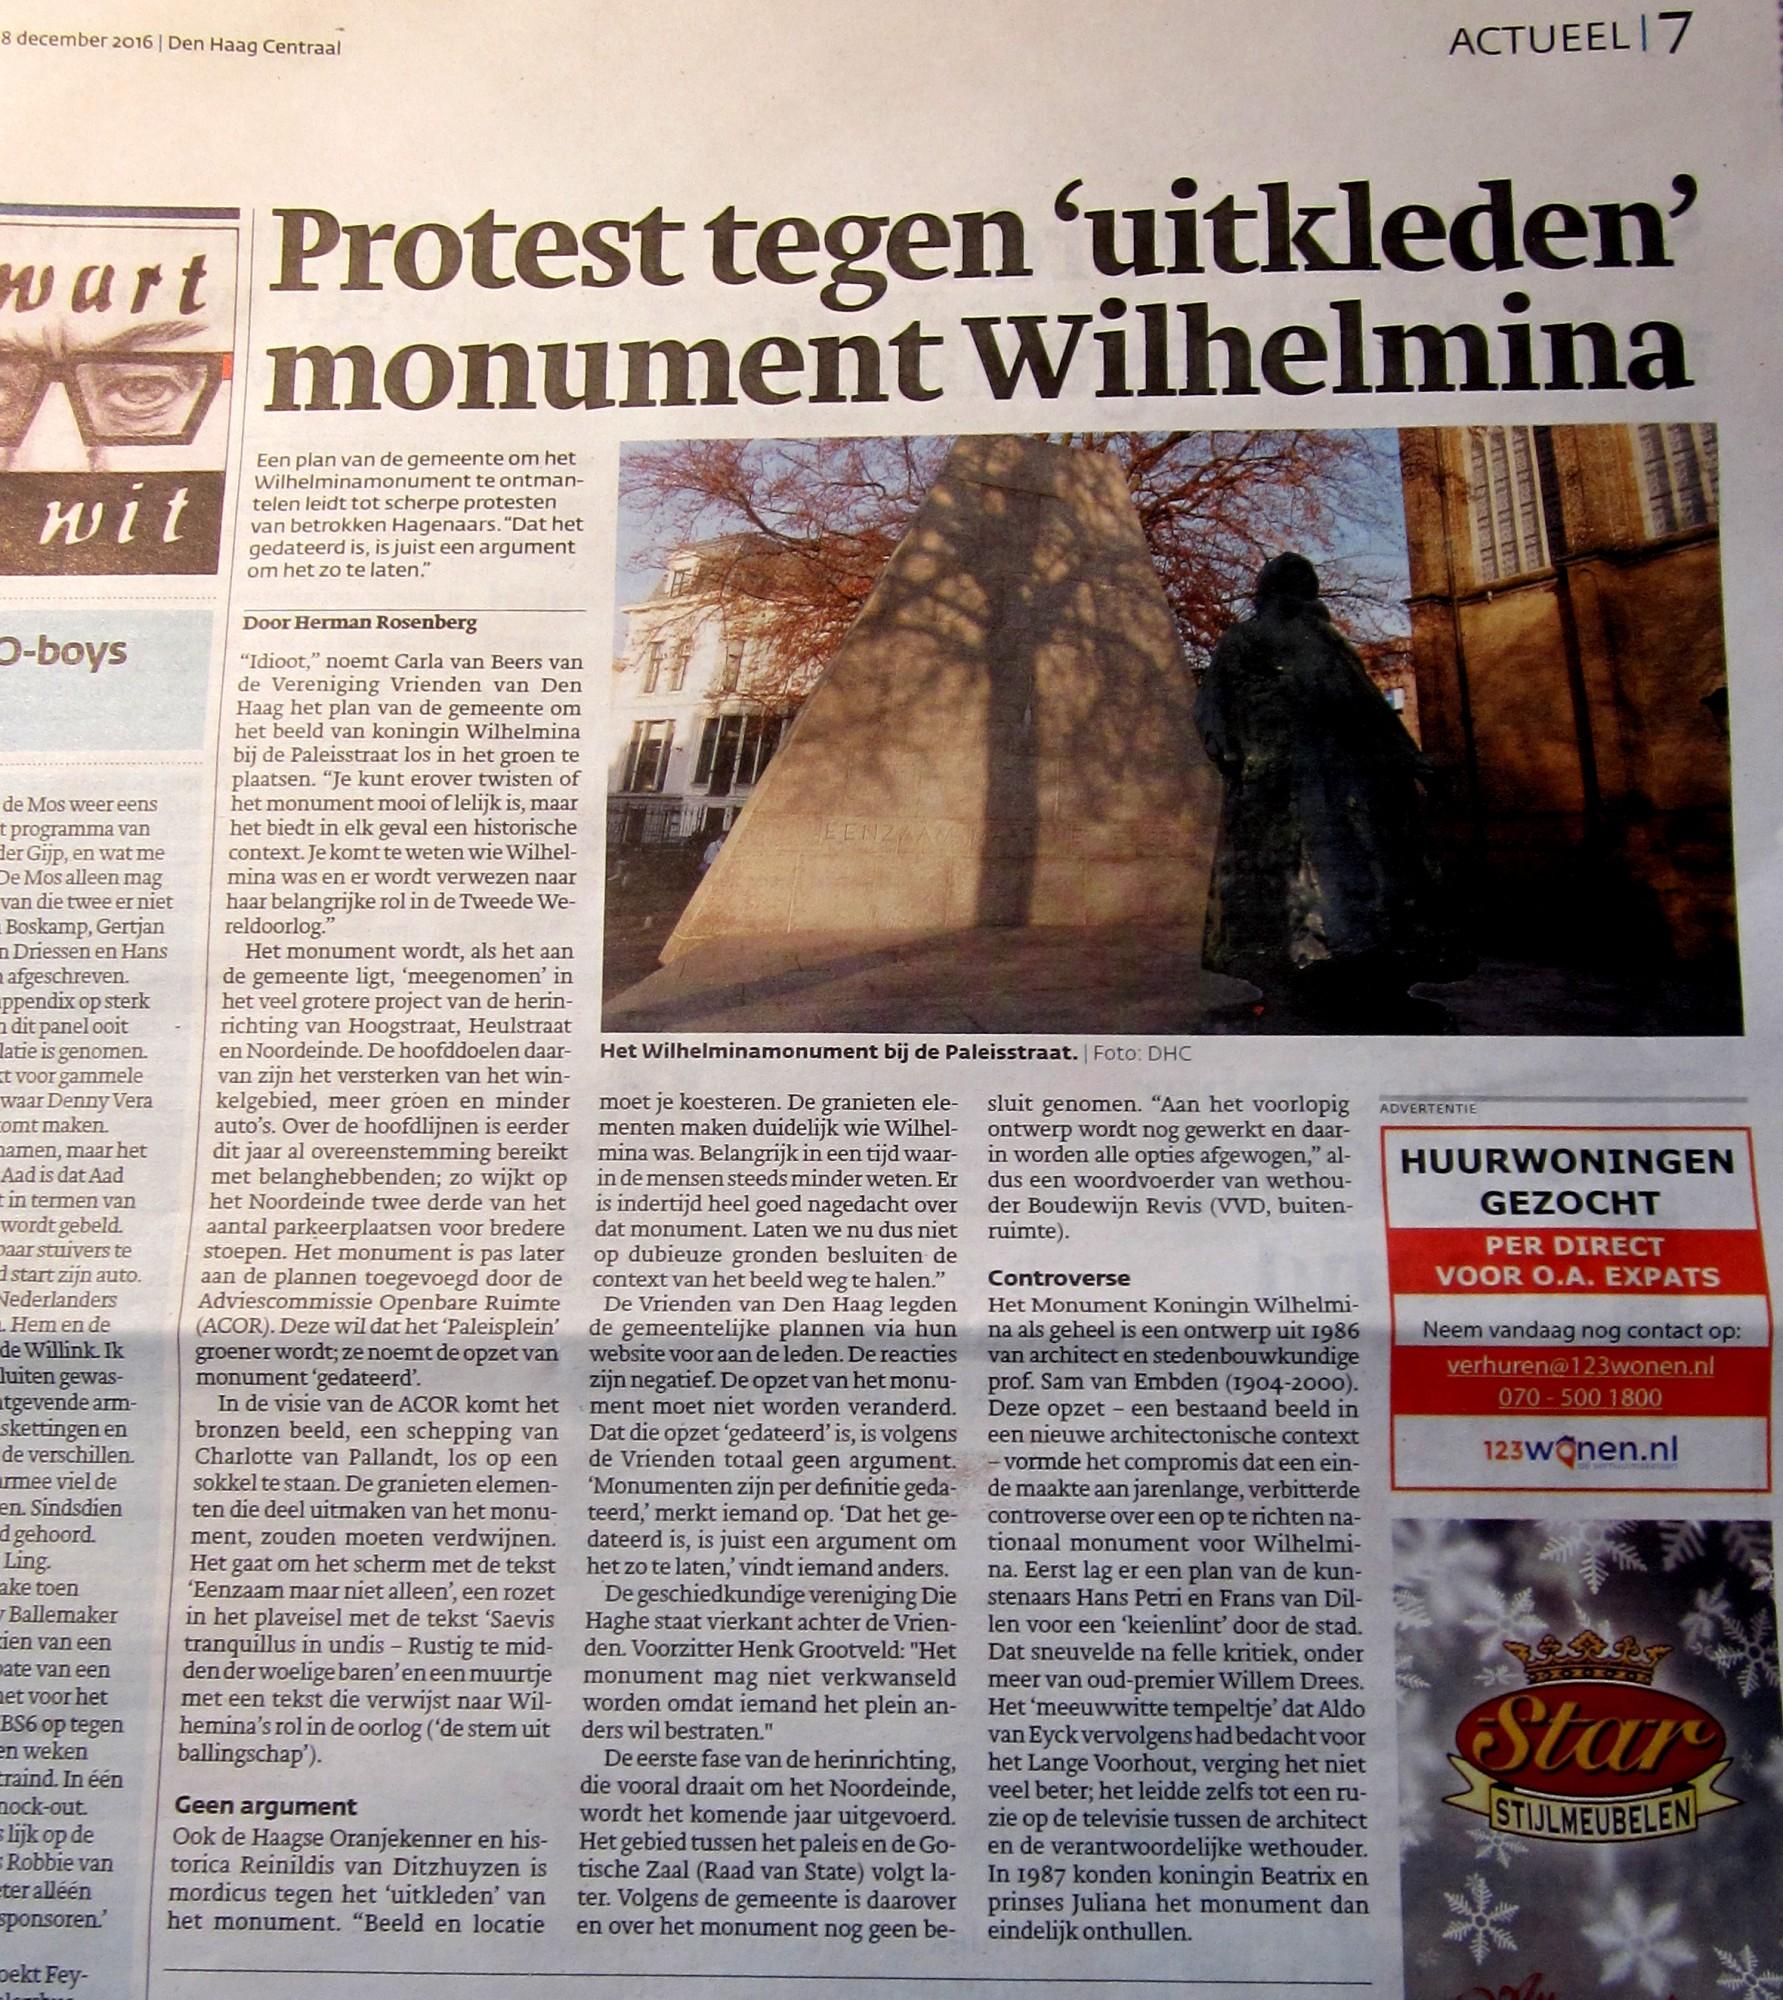 Paleisplein en Wilhelminamonument